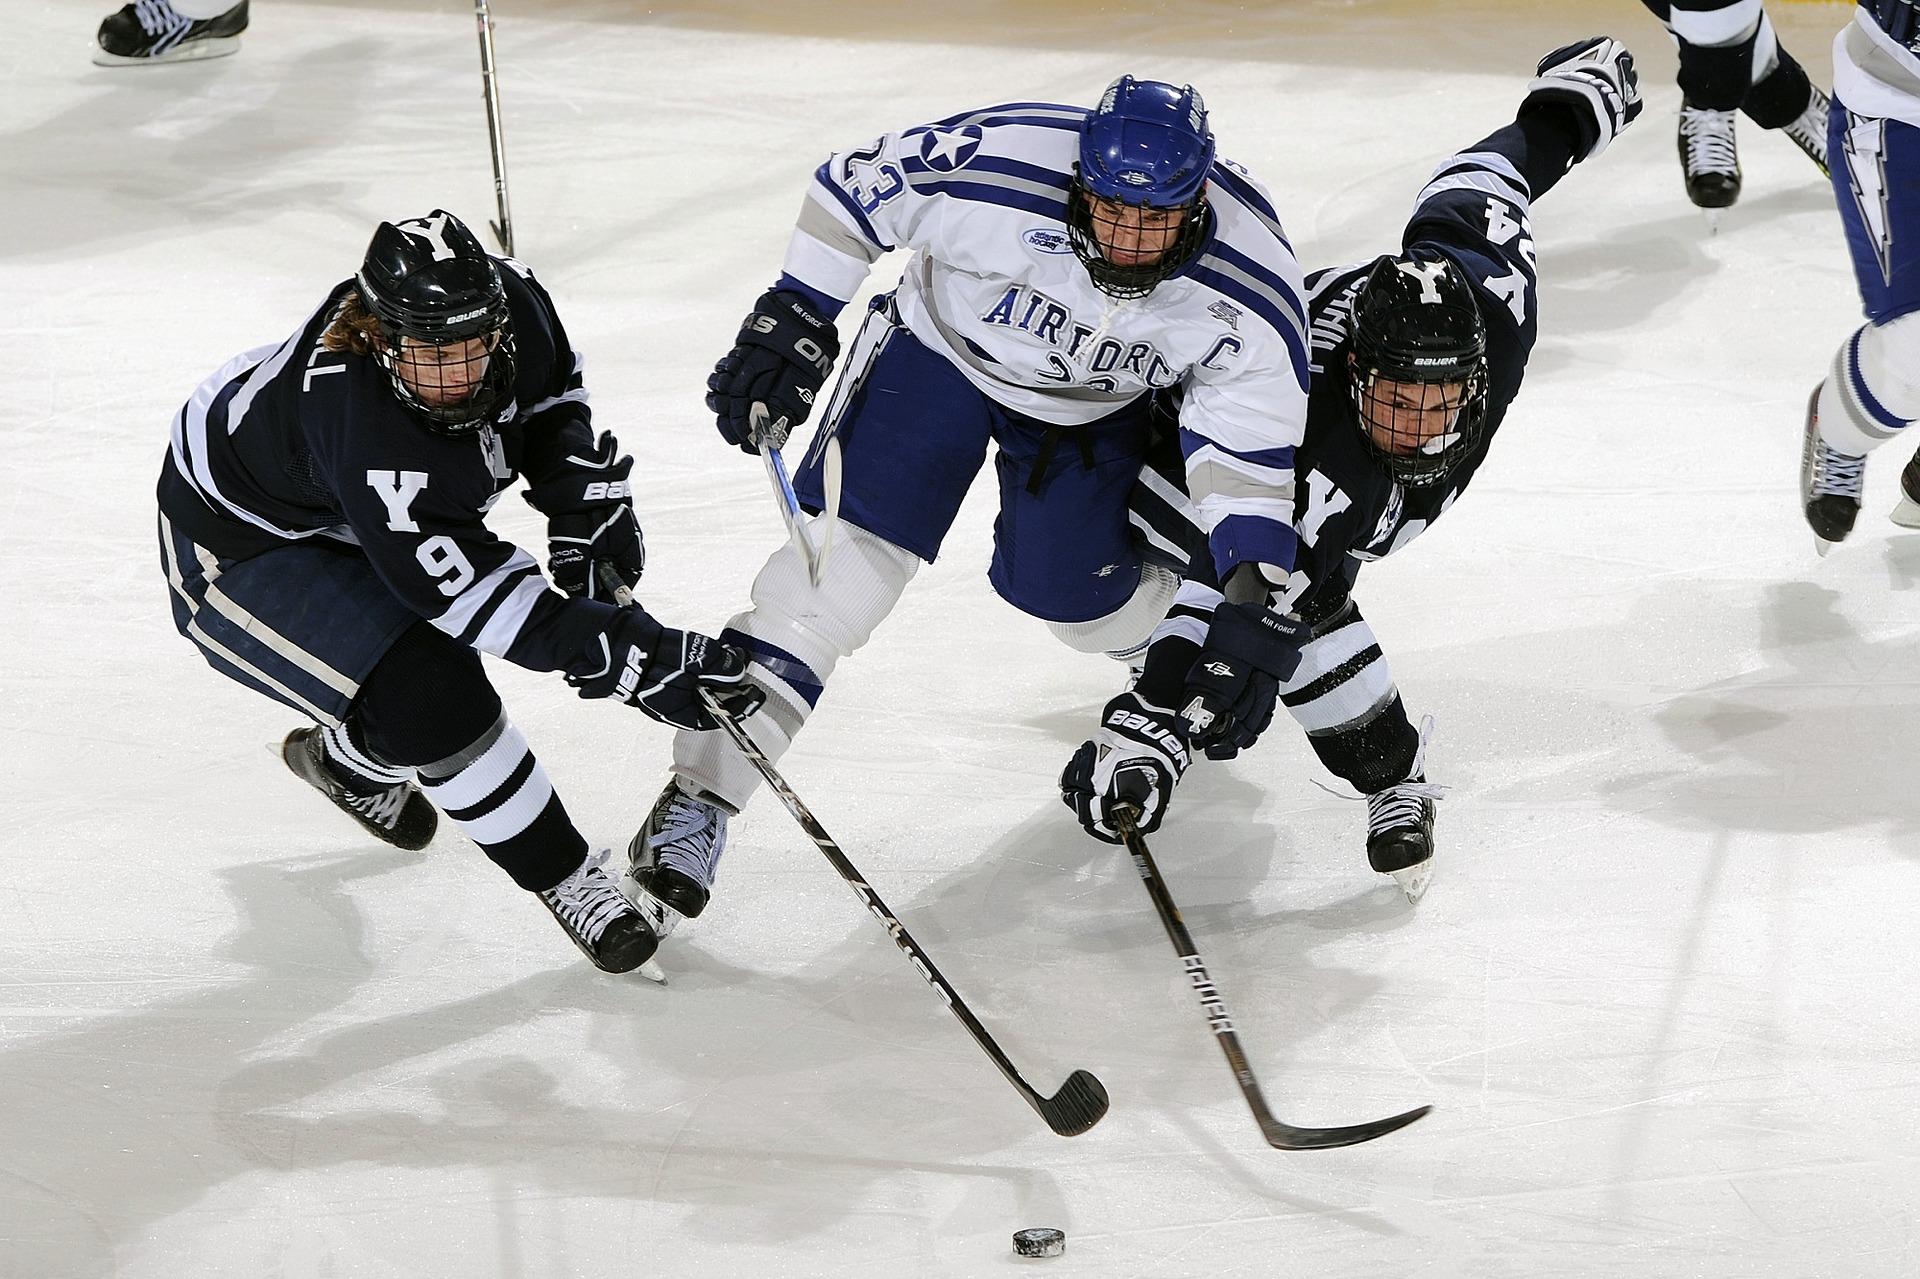 Miehet pelaavat jääkiekkoa